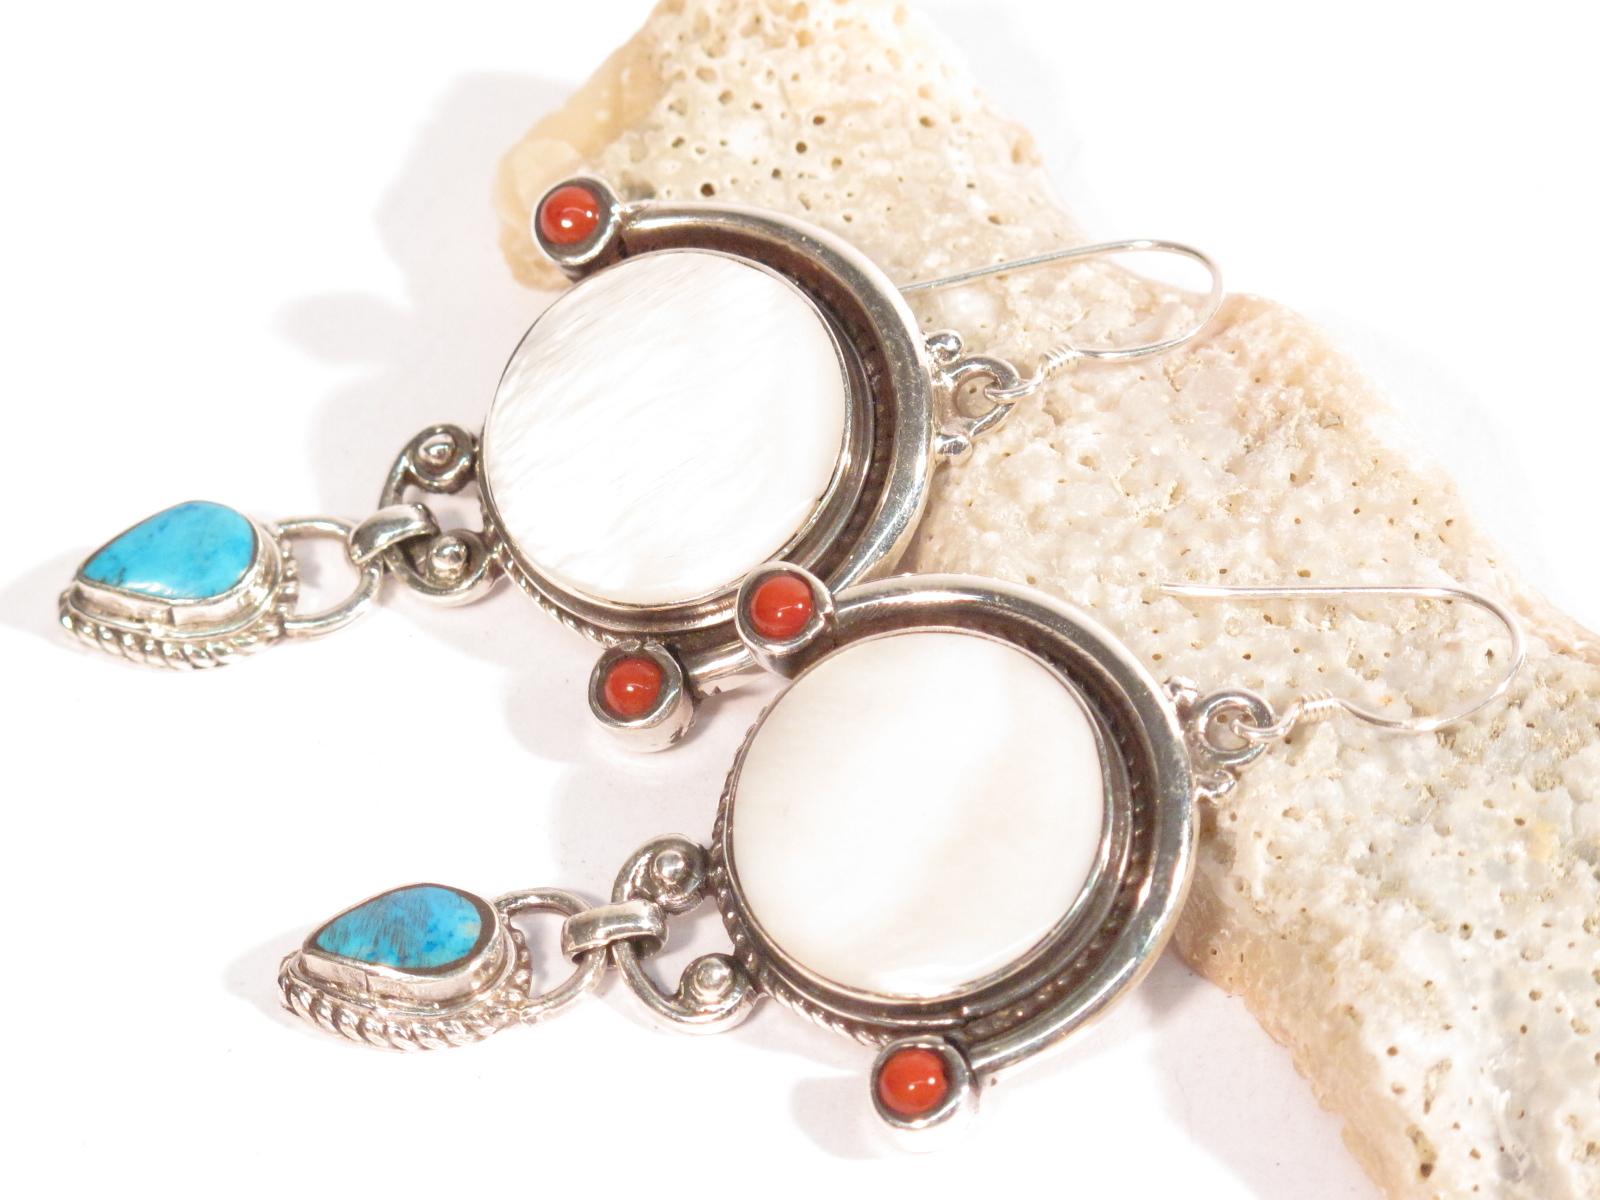 Orecchini in argento, madreperla, turchese e corallo